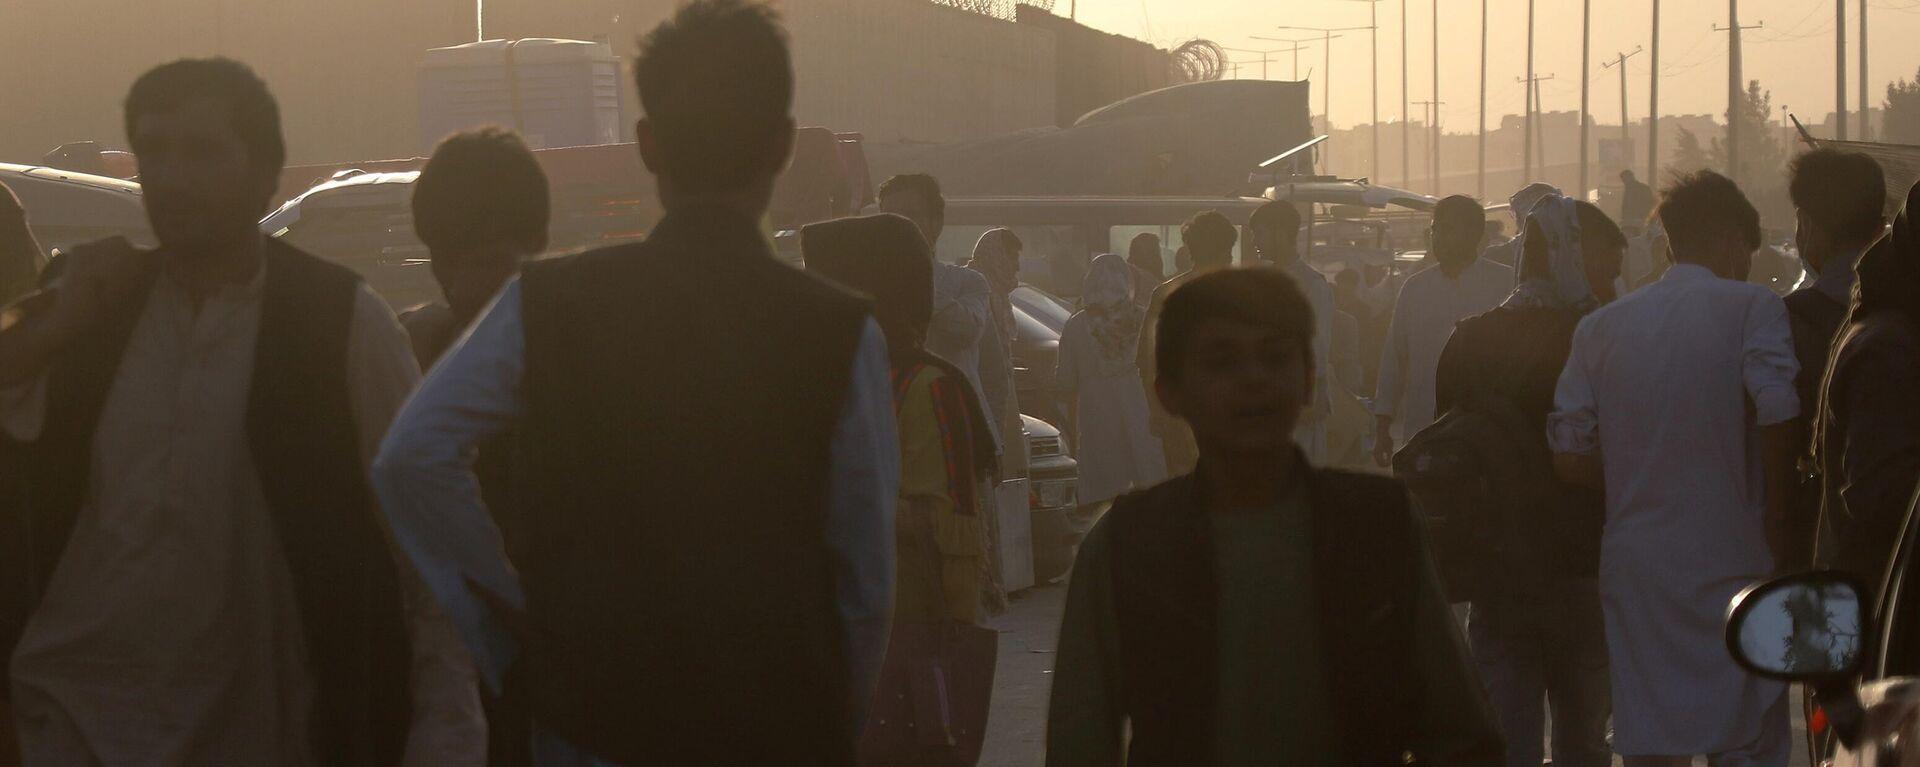 Ситуация у аэропорта Кабула - Sputnik Ўзбекистон, 1920, 15.09.2021